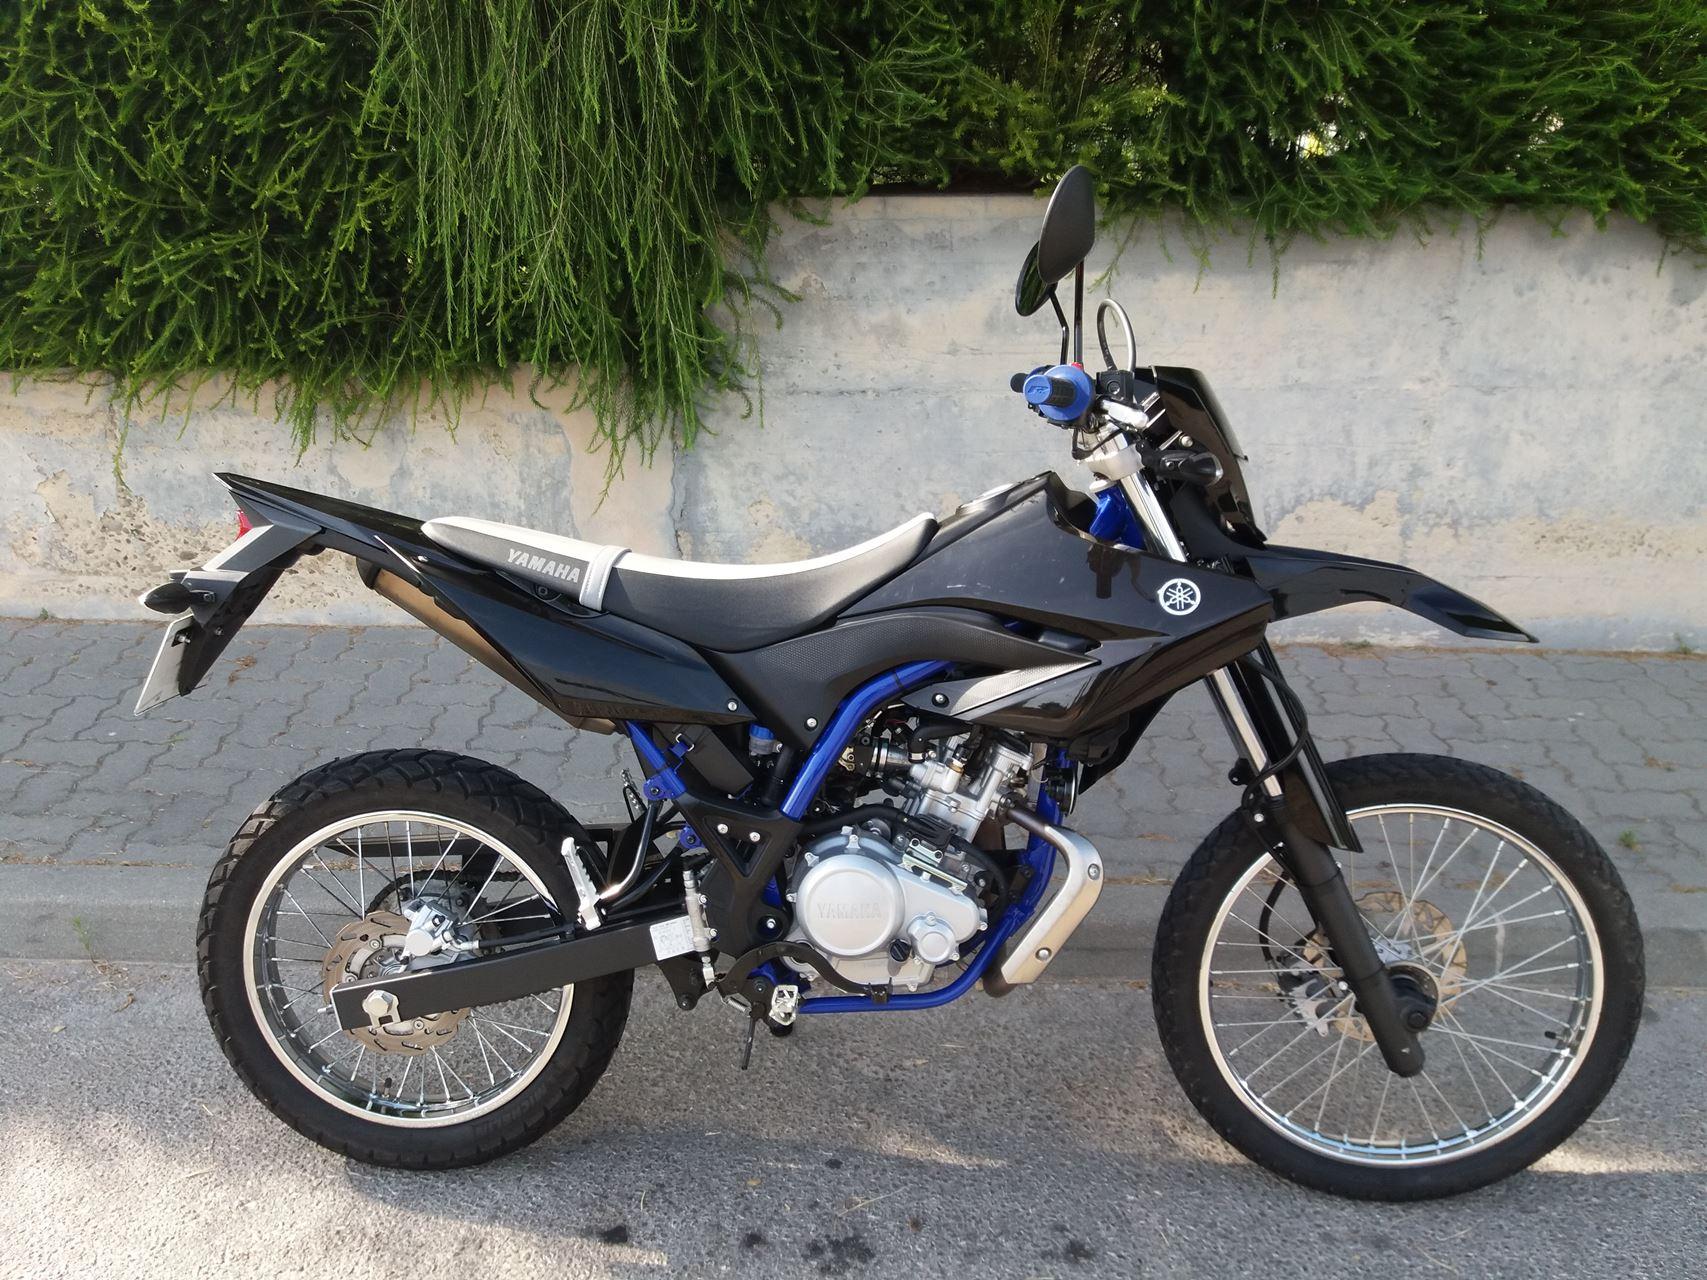 yamaha wr yamaha wr 125 moto usada pre o p17459 j b com rcio de motos andar de moto. Black Bedroom Furniture Sets. Home Design Ideas